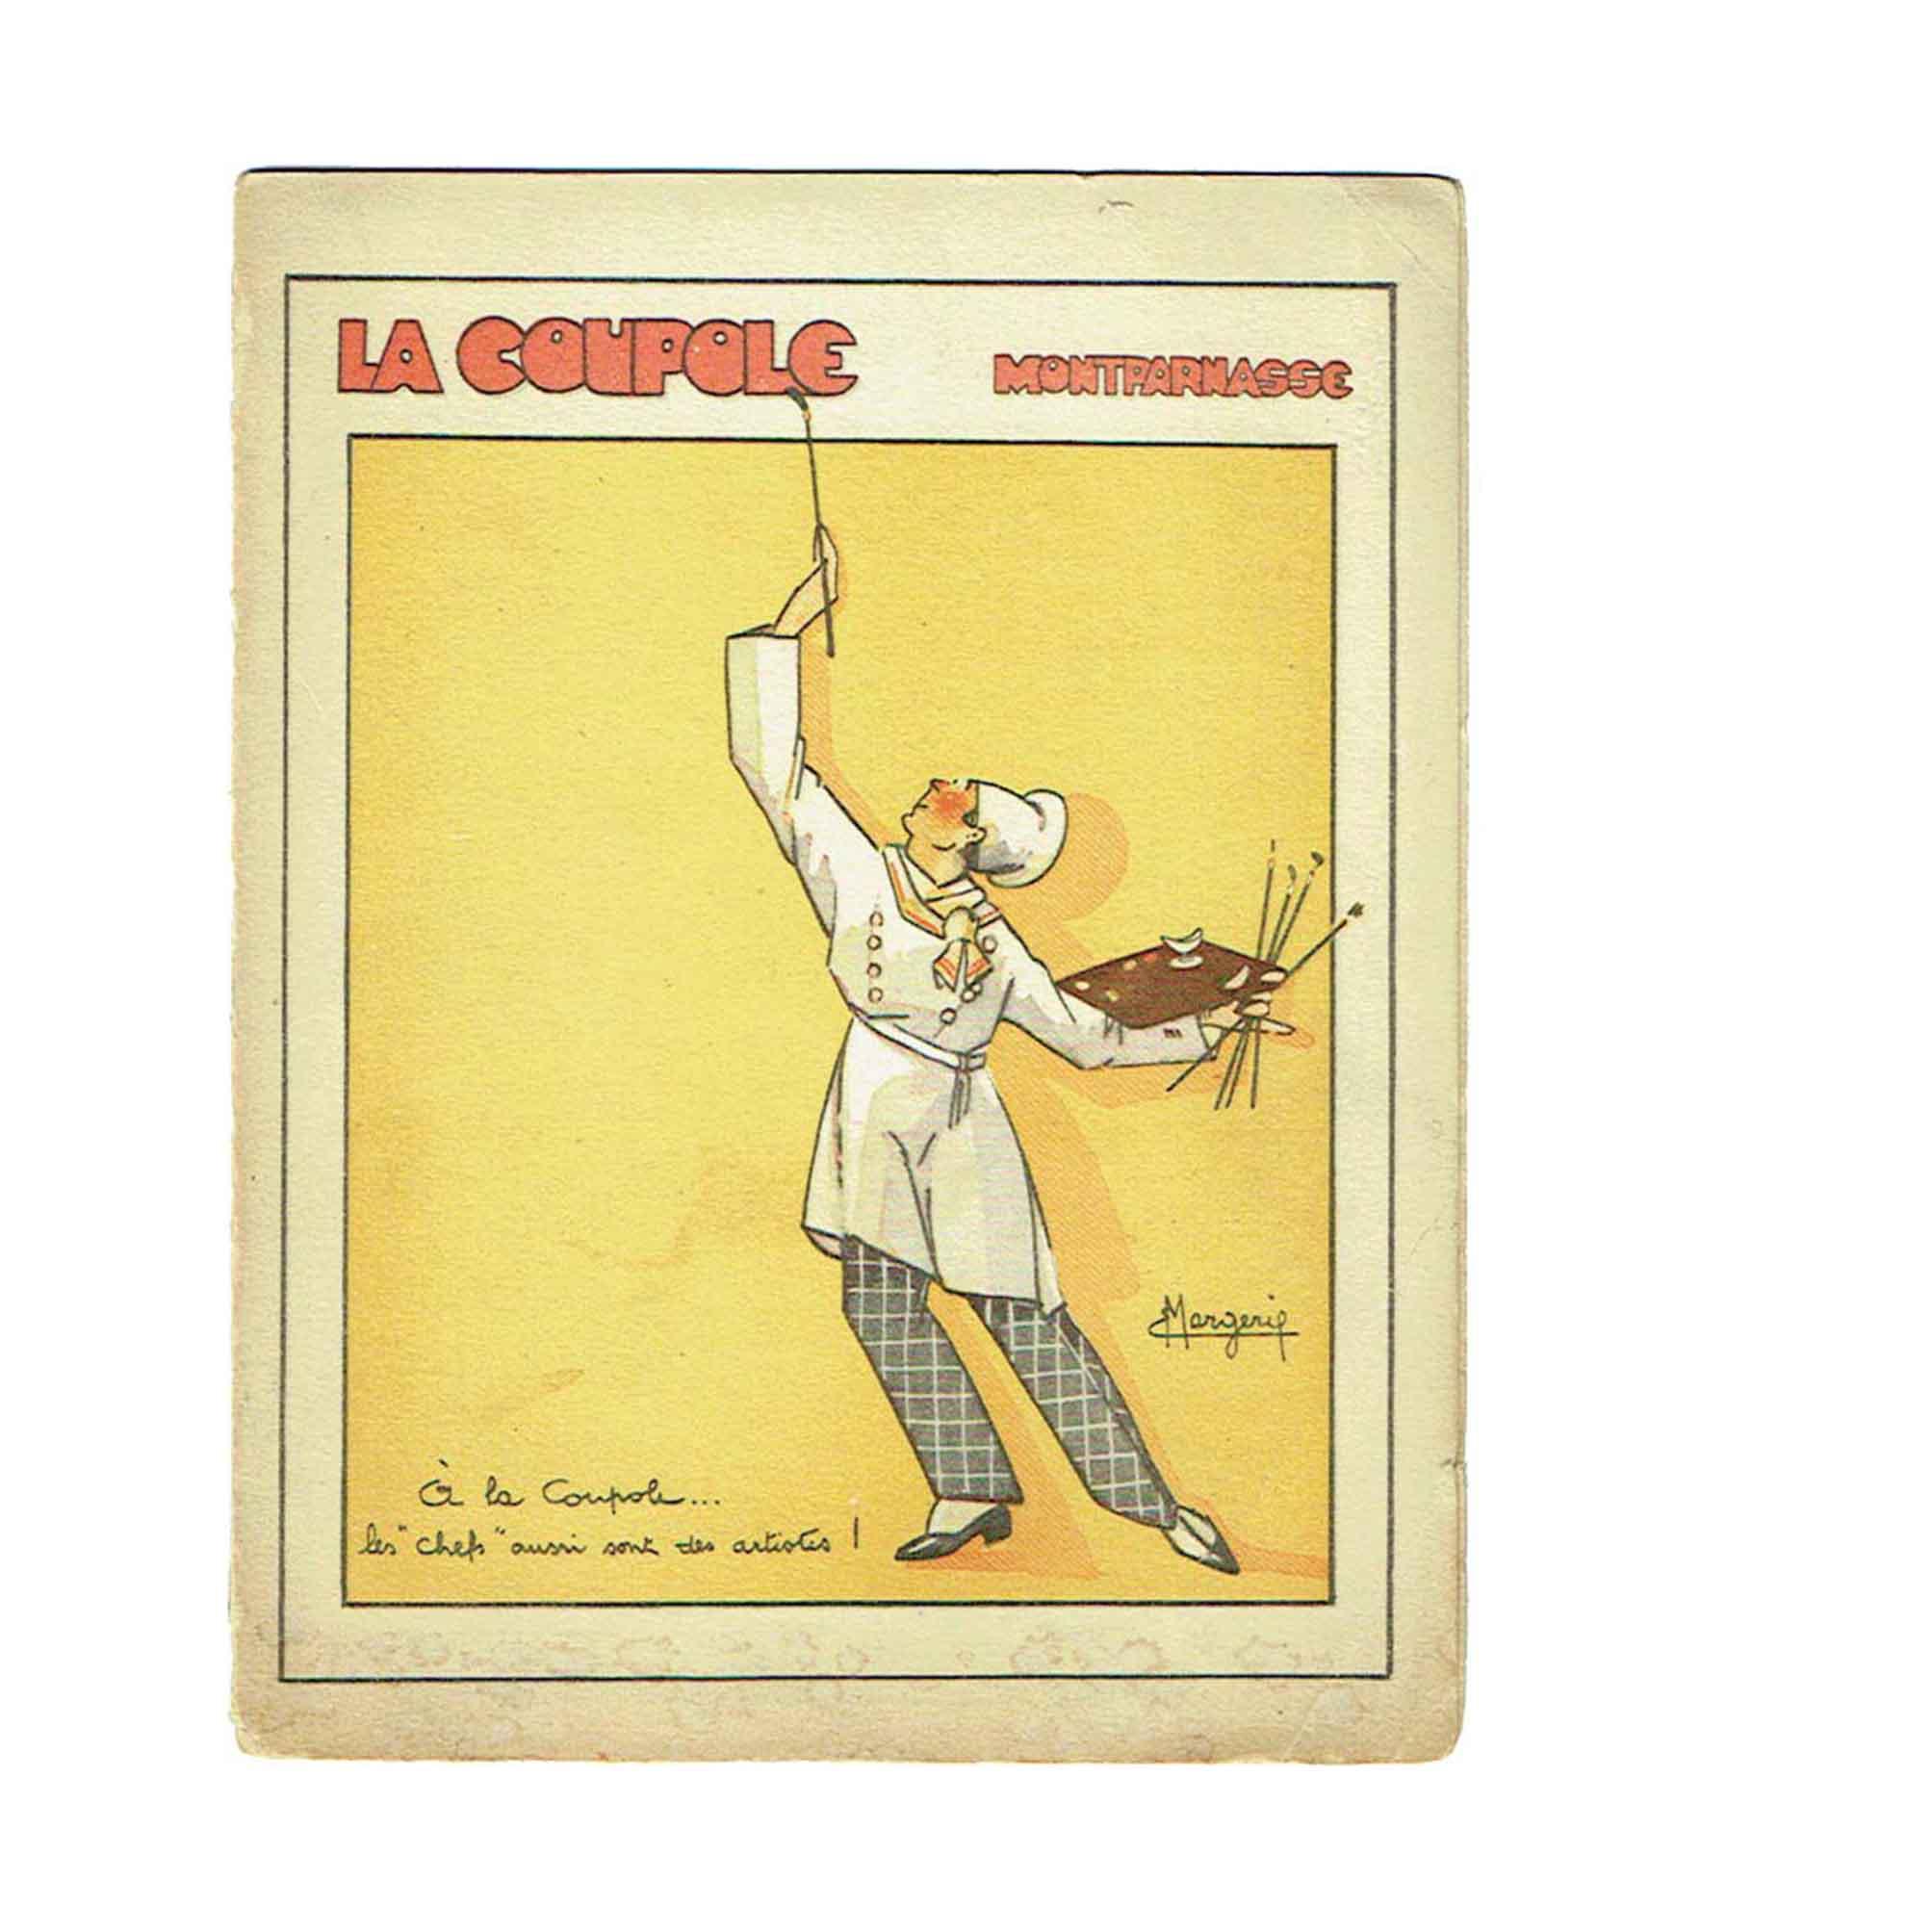 6086 La Coupole Paris Menue Card Margerie 1930s 1967 Cover recto free N